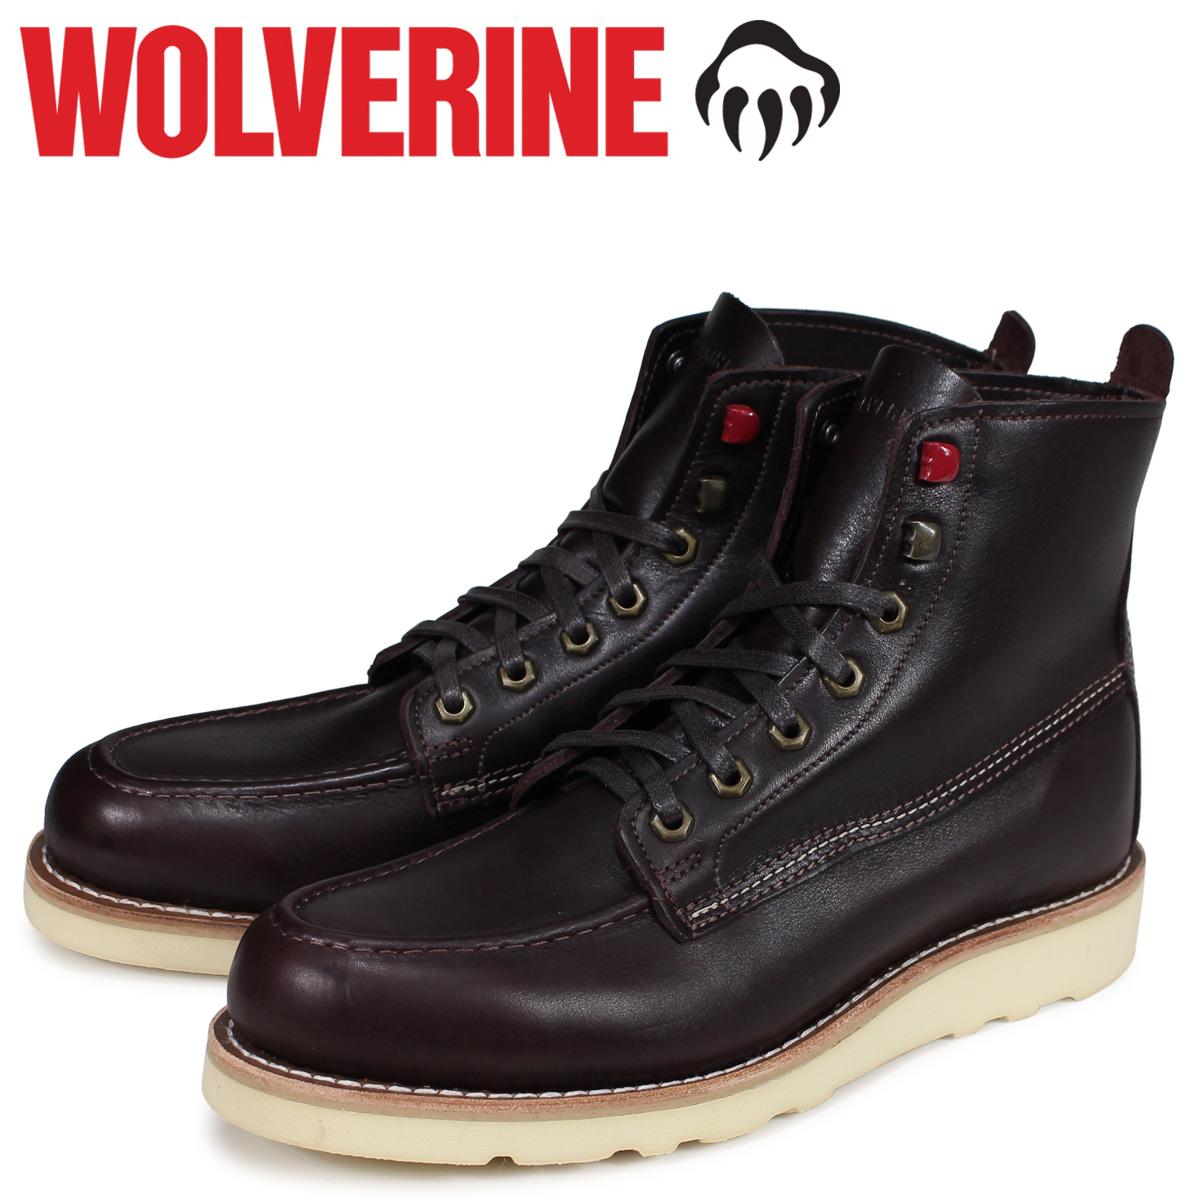 ウルヴァリン WOLVERINE ブーツ ルイ ウエッジ メンズ LOUIS WEDGE BOOT Mワイズ ダークブラウン W40409